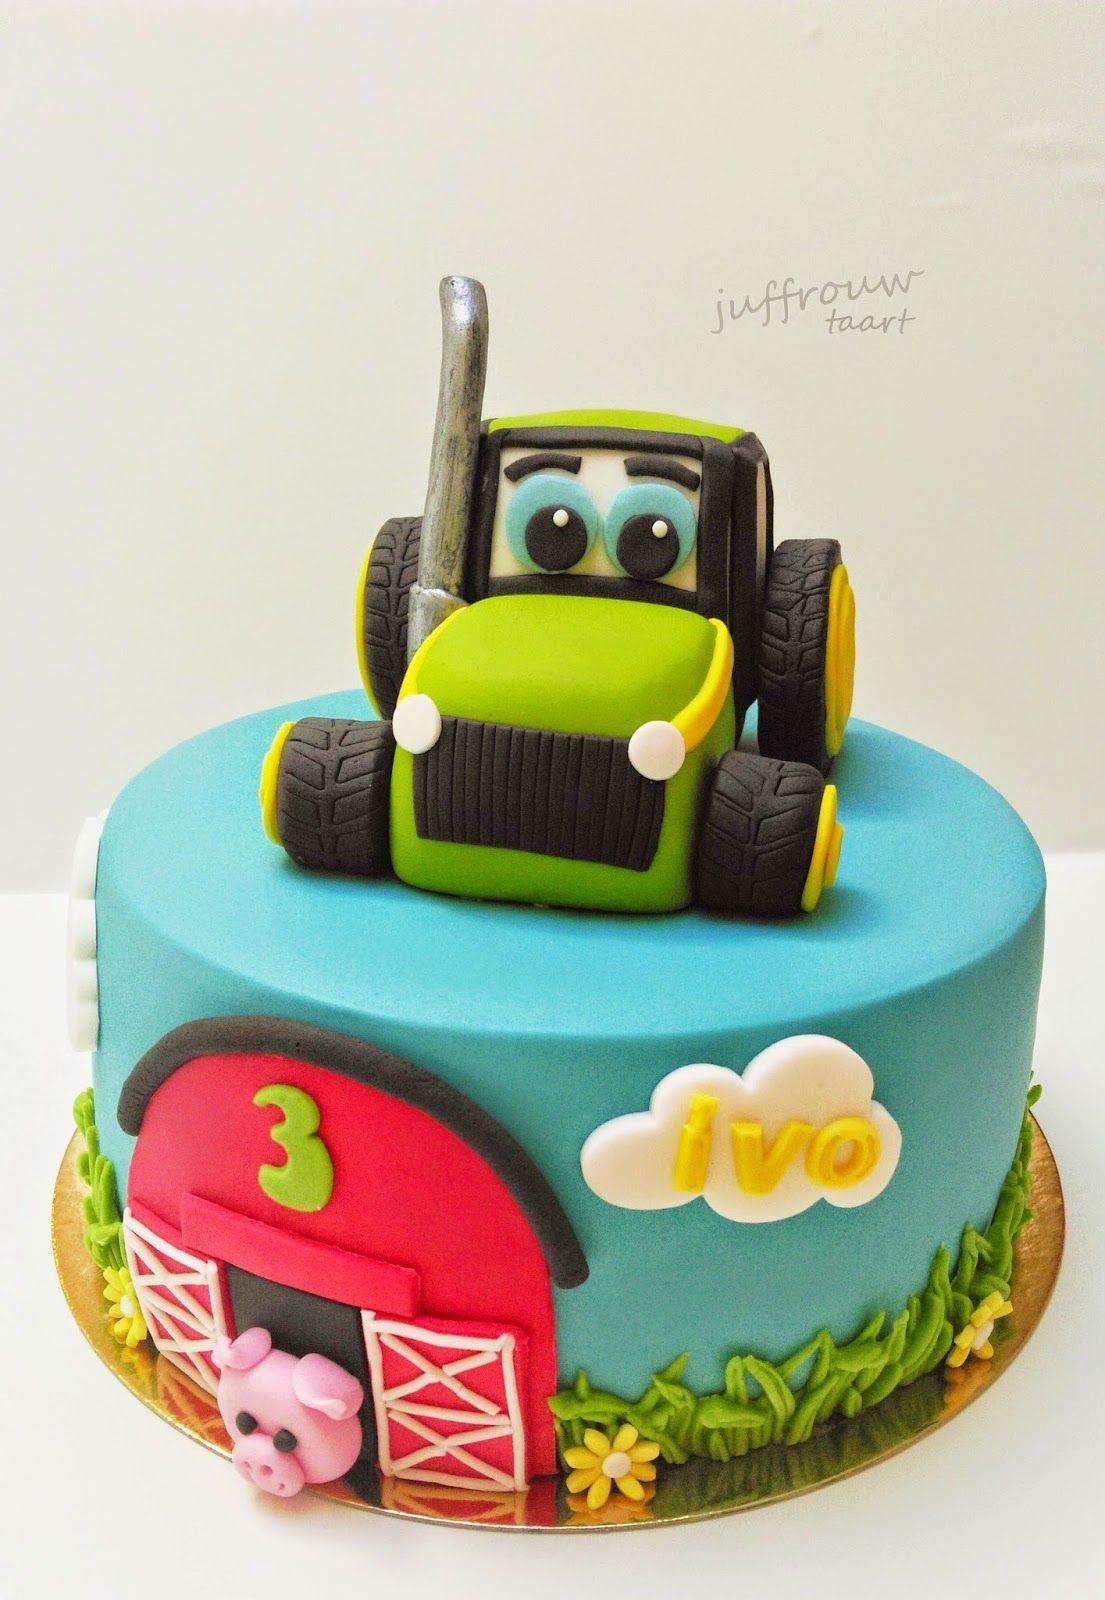 tractor taart Juffrouw Taart: Trekker taart   Home made cakes   Pinterest   Diys  tractor taart